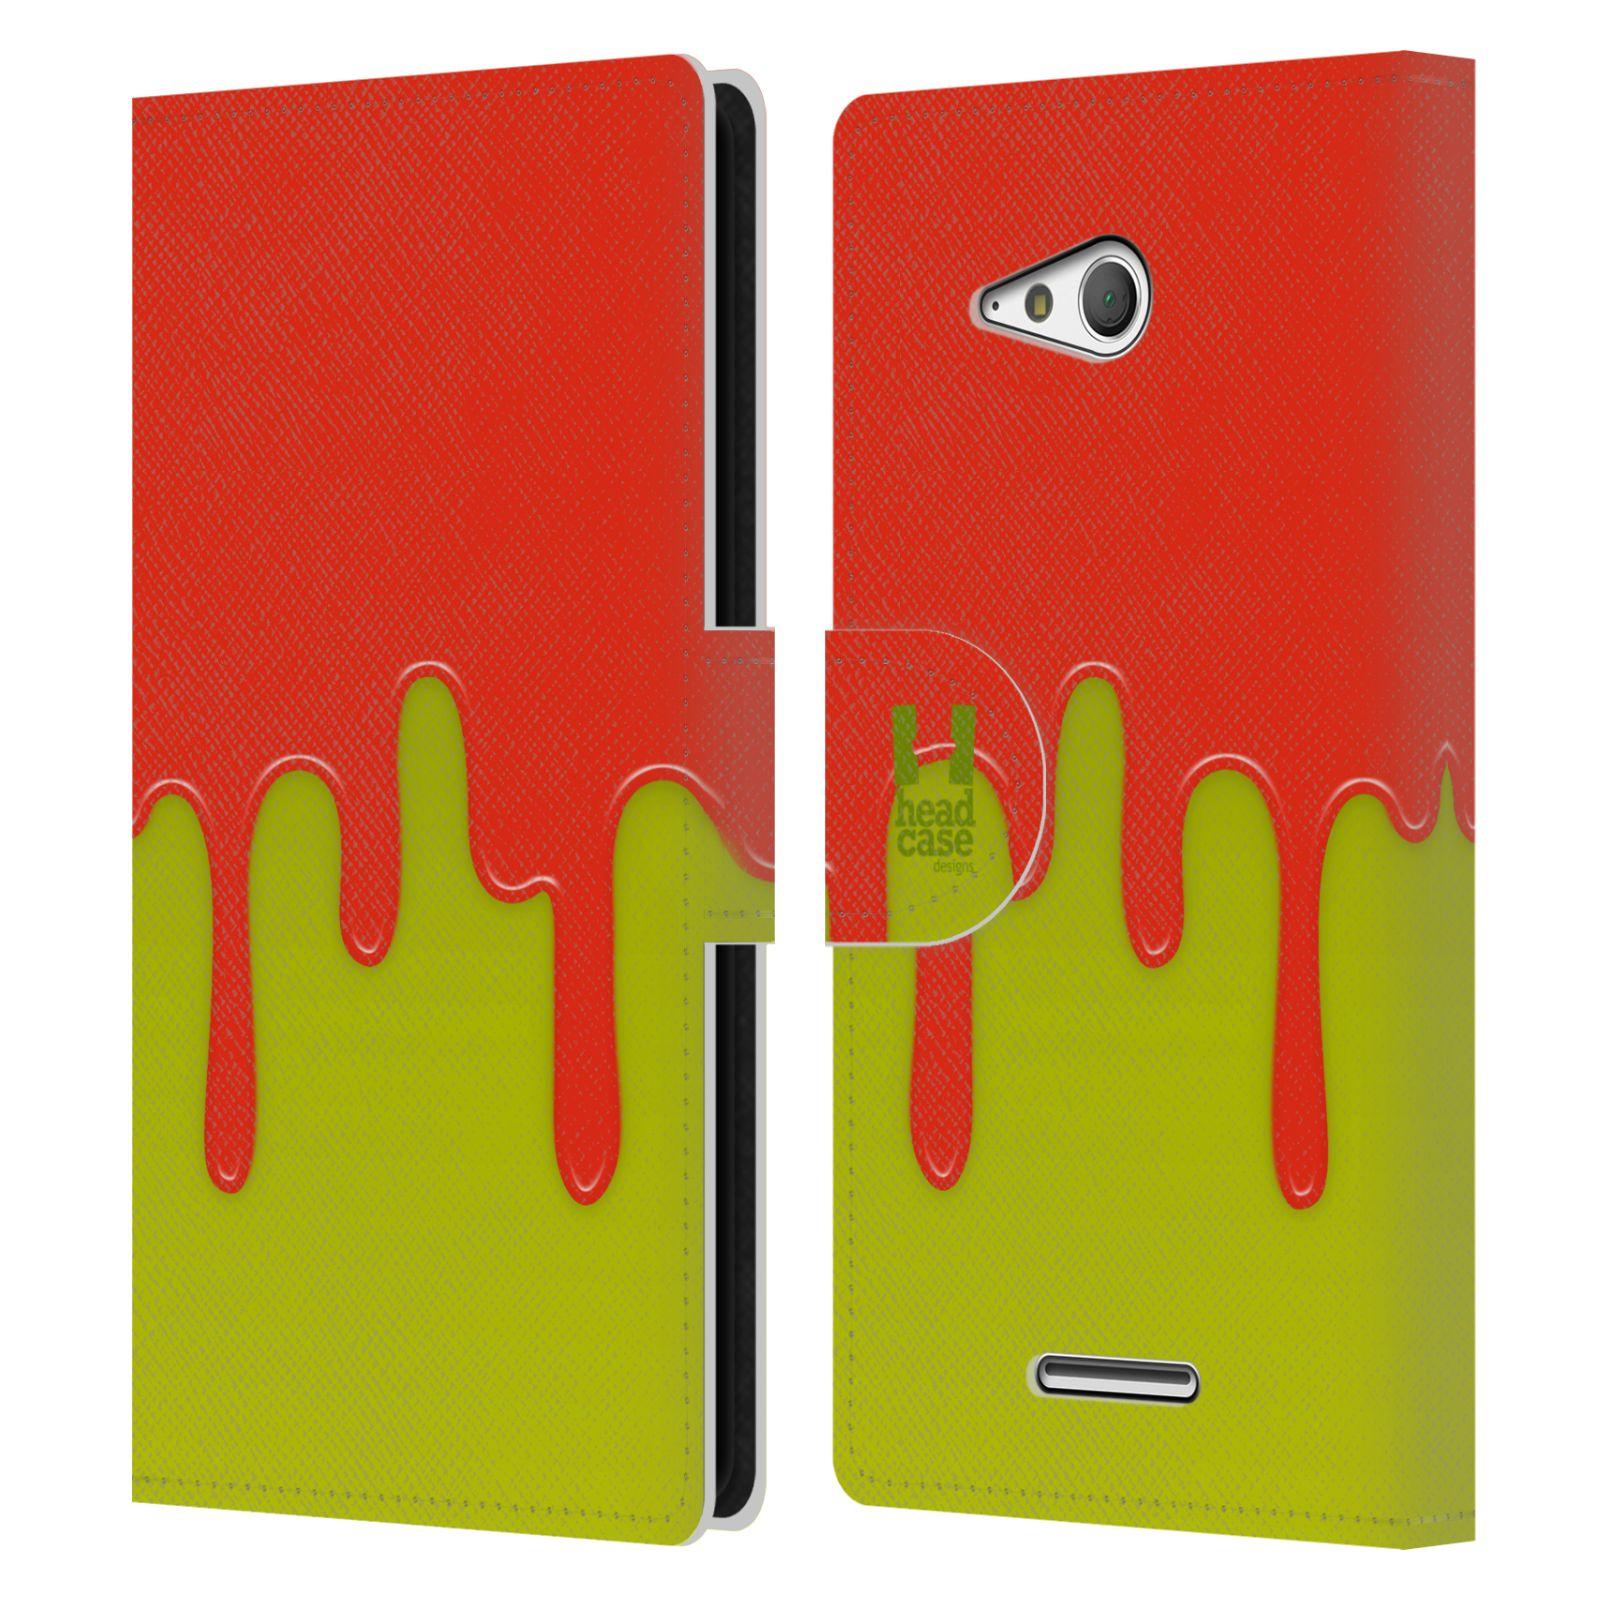 HEAD CASE Flipové pouzdro pro mobil SONY XPERIA E4g Rozlitá barva oranžová a zelená